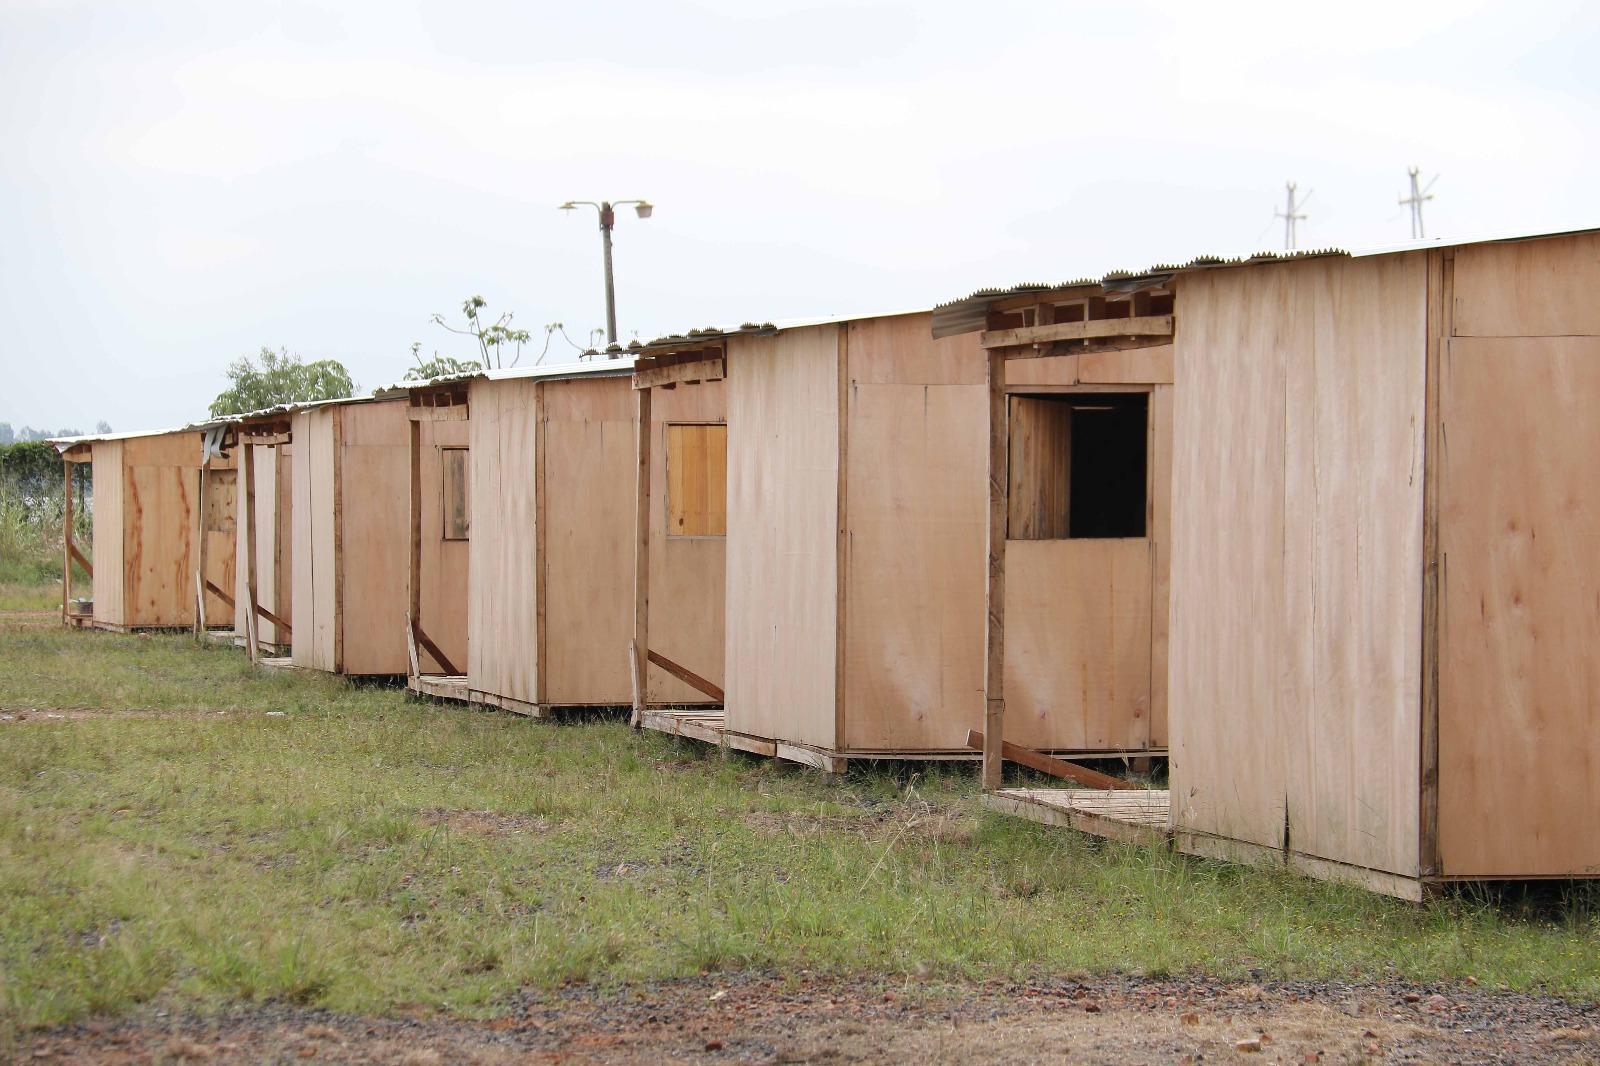 Gobierno analiza habilitar nuevos espacios para albergues por inundaciones